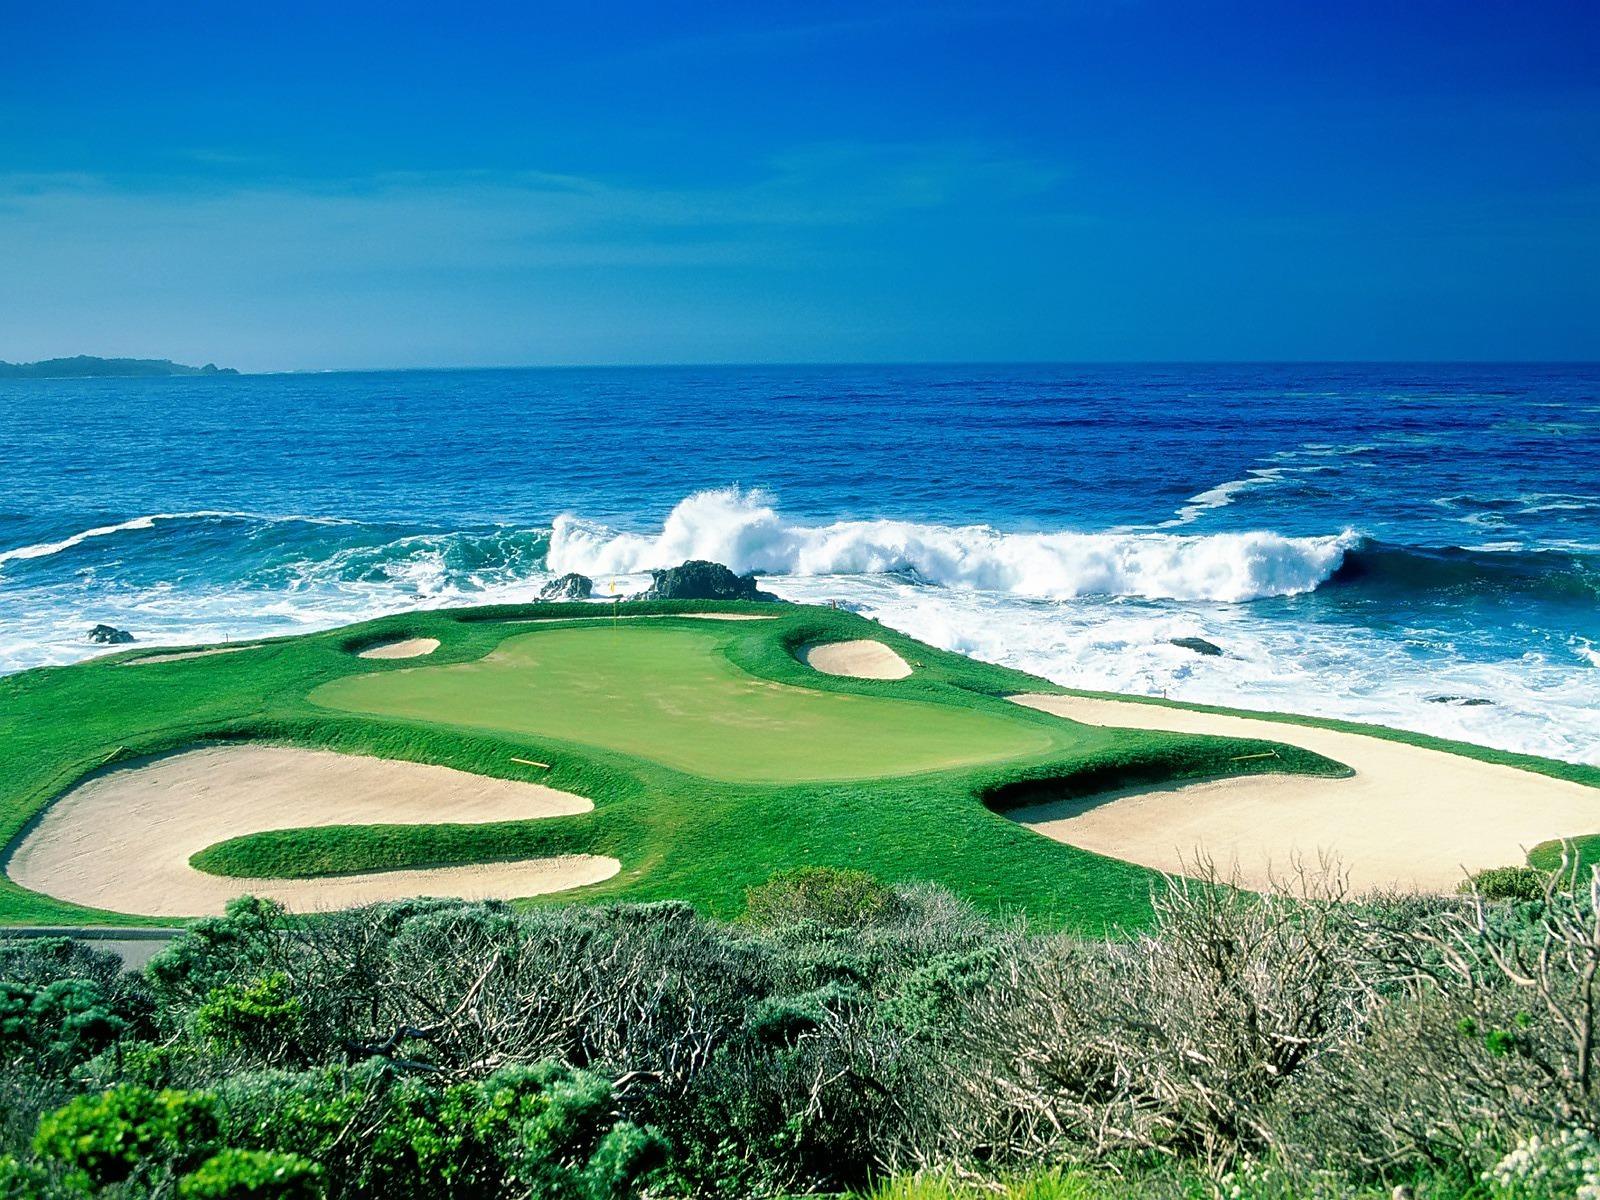 http://2.bp.blogspot.com/-pcdwSS8WqS8/TZb-54Hk2KI/AAAAAAAABCA/WMqMUEYE17E/s1600/wp_Golf_Course_1600x1200.jpg